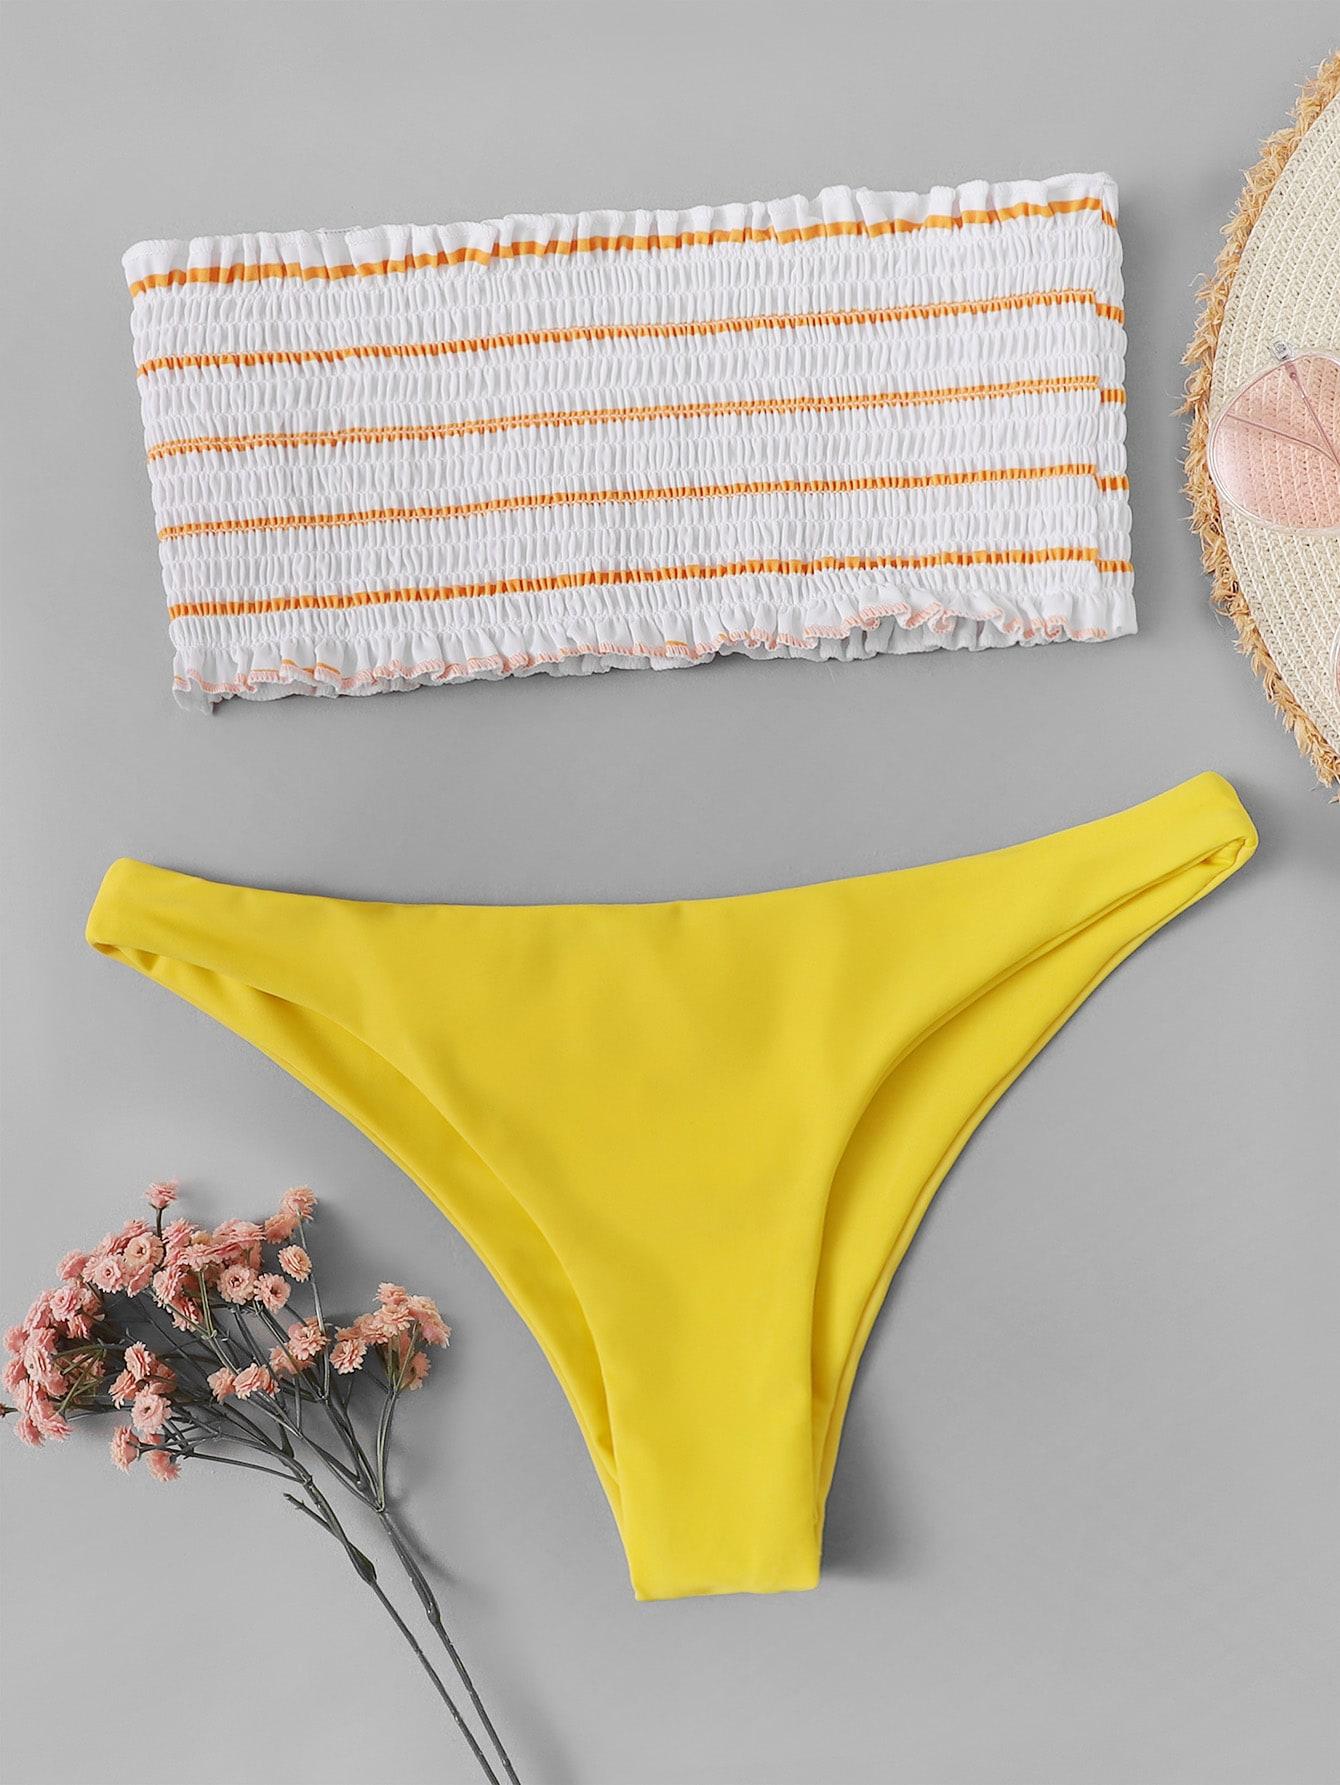 eb61d073b769 Shoptagr   Frill Trim Shirred Bandeau With High Leg Bikini by Romwe